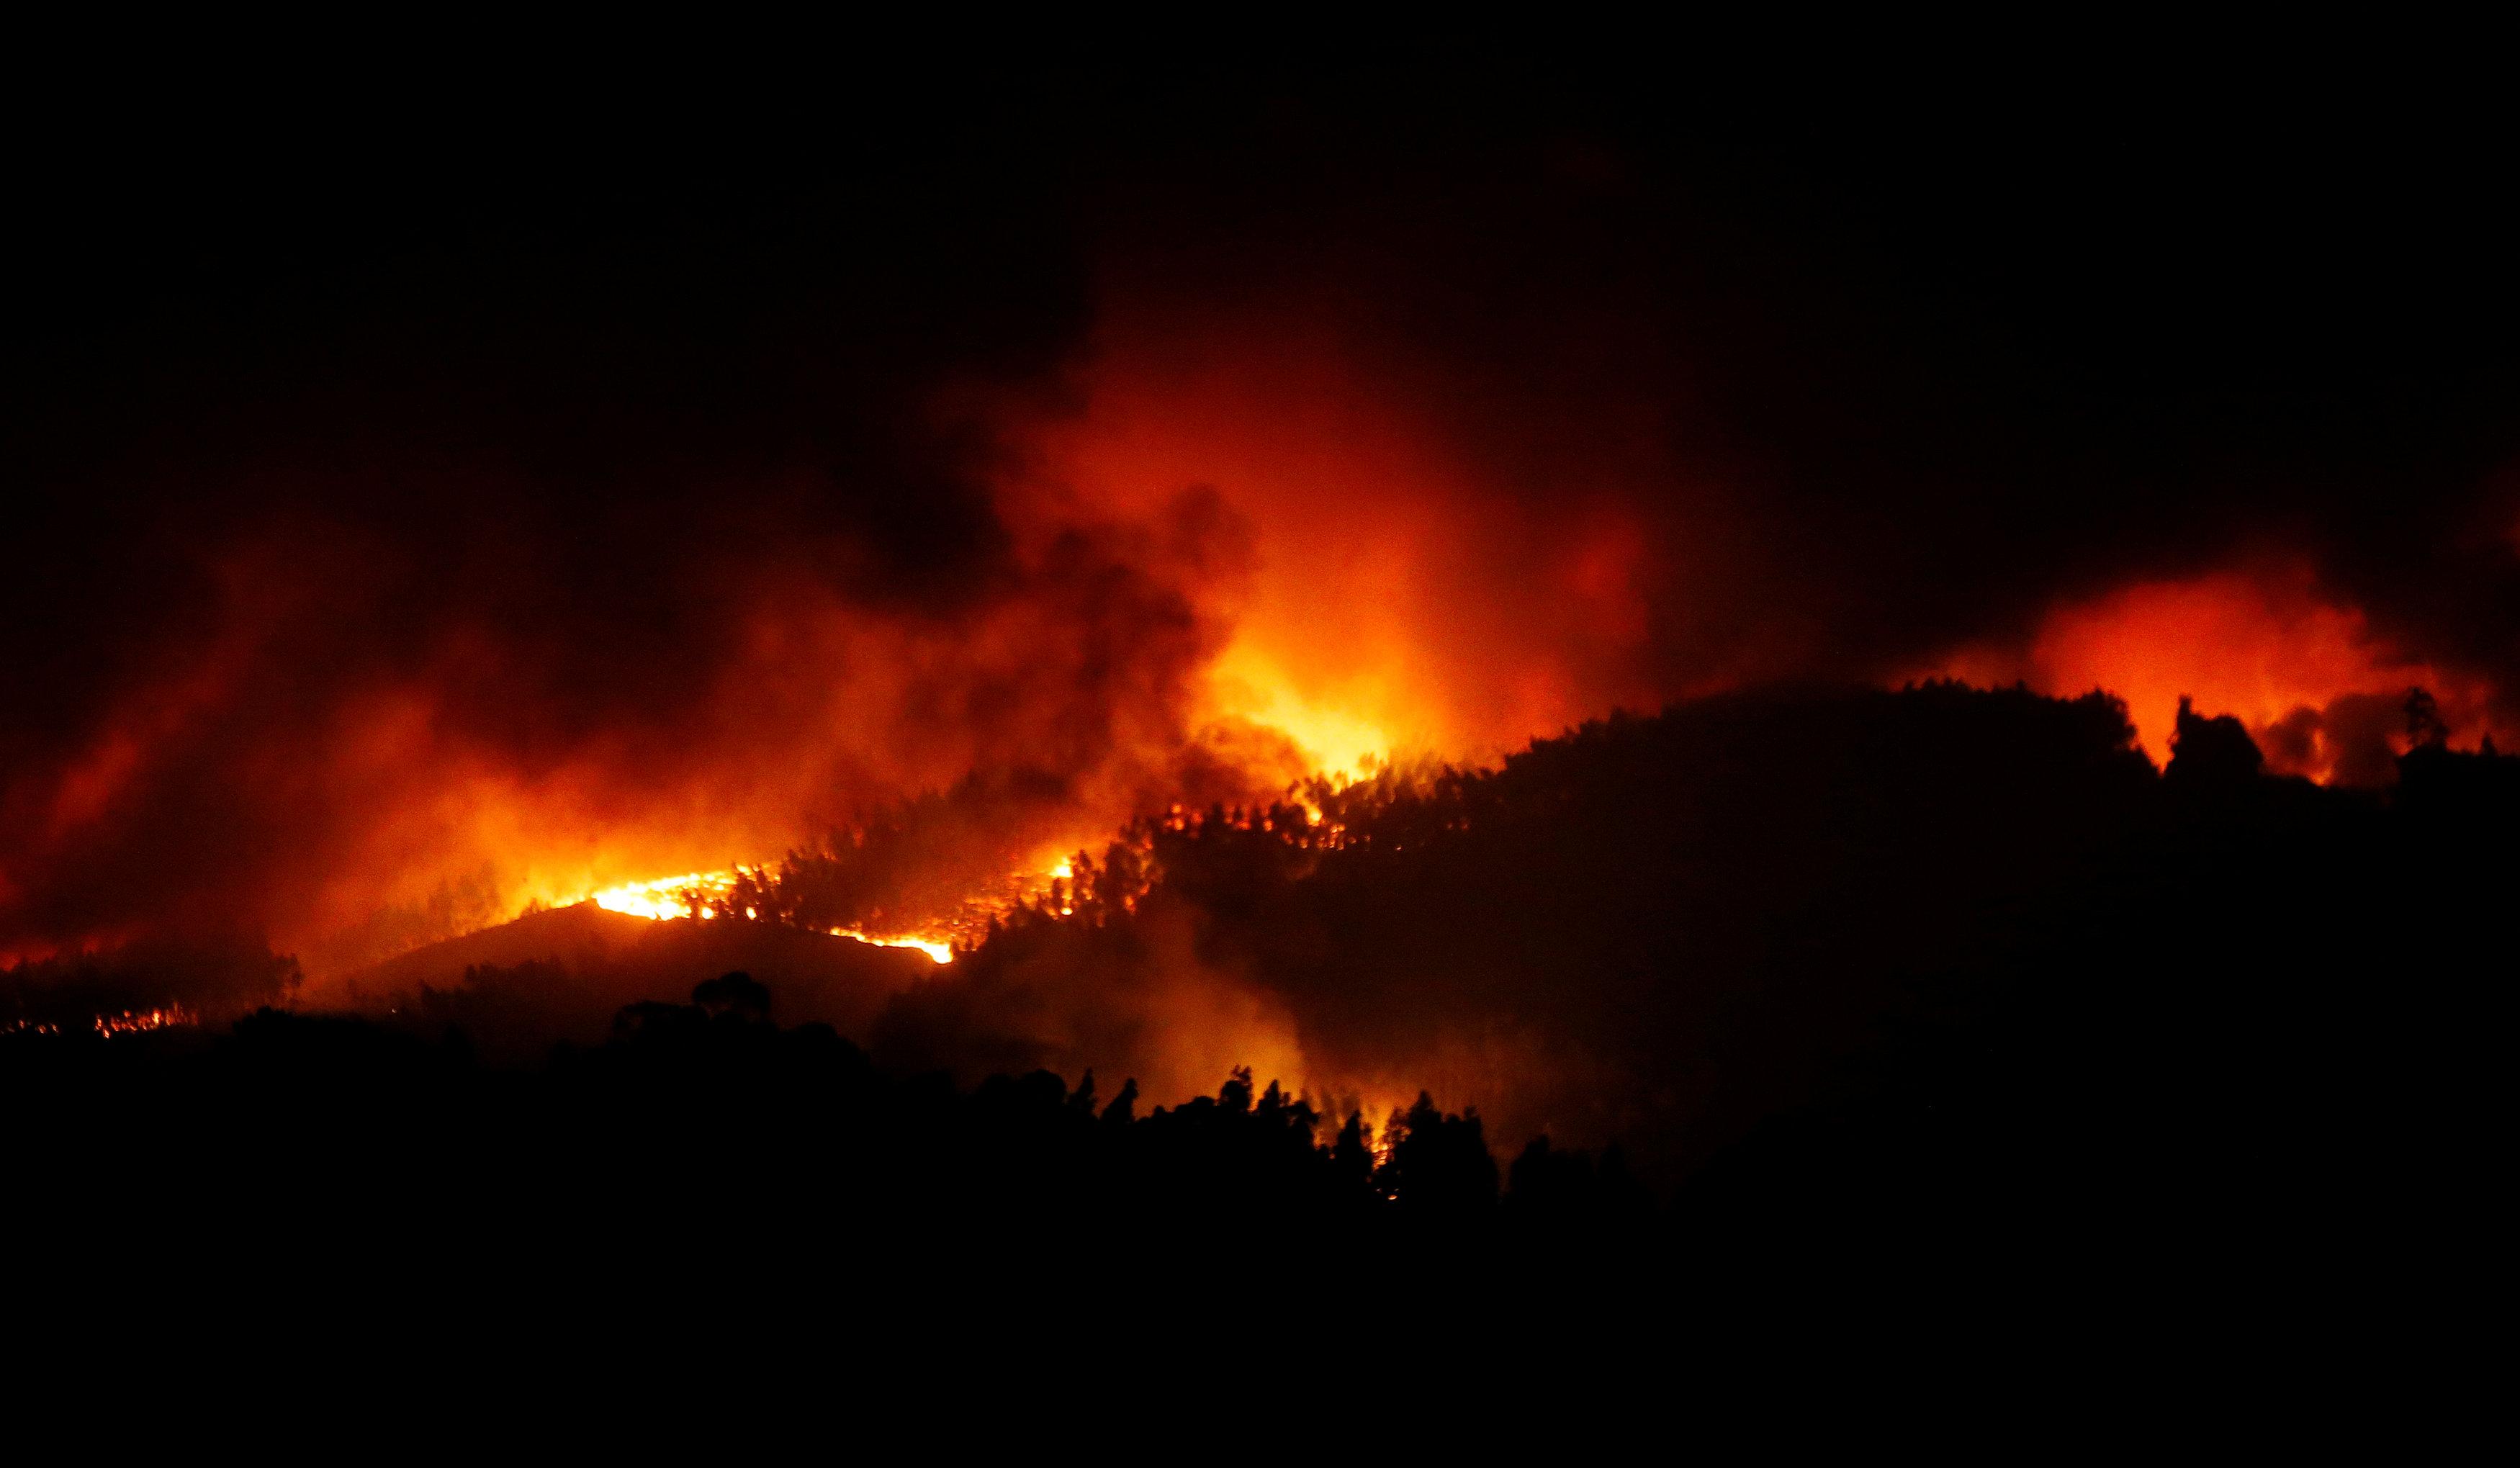 النيران والادخنة تتصاعد من غابات البرتغال